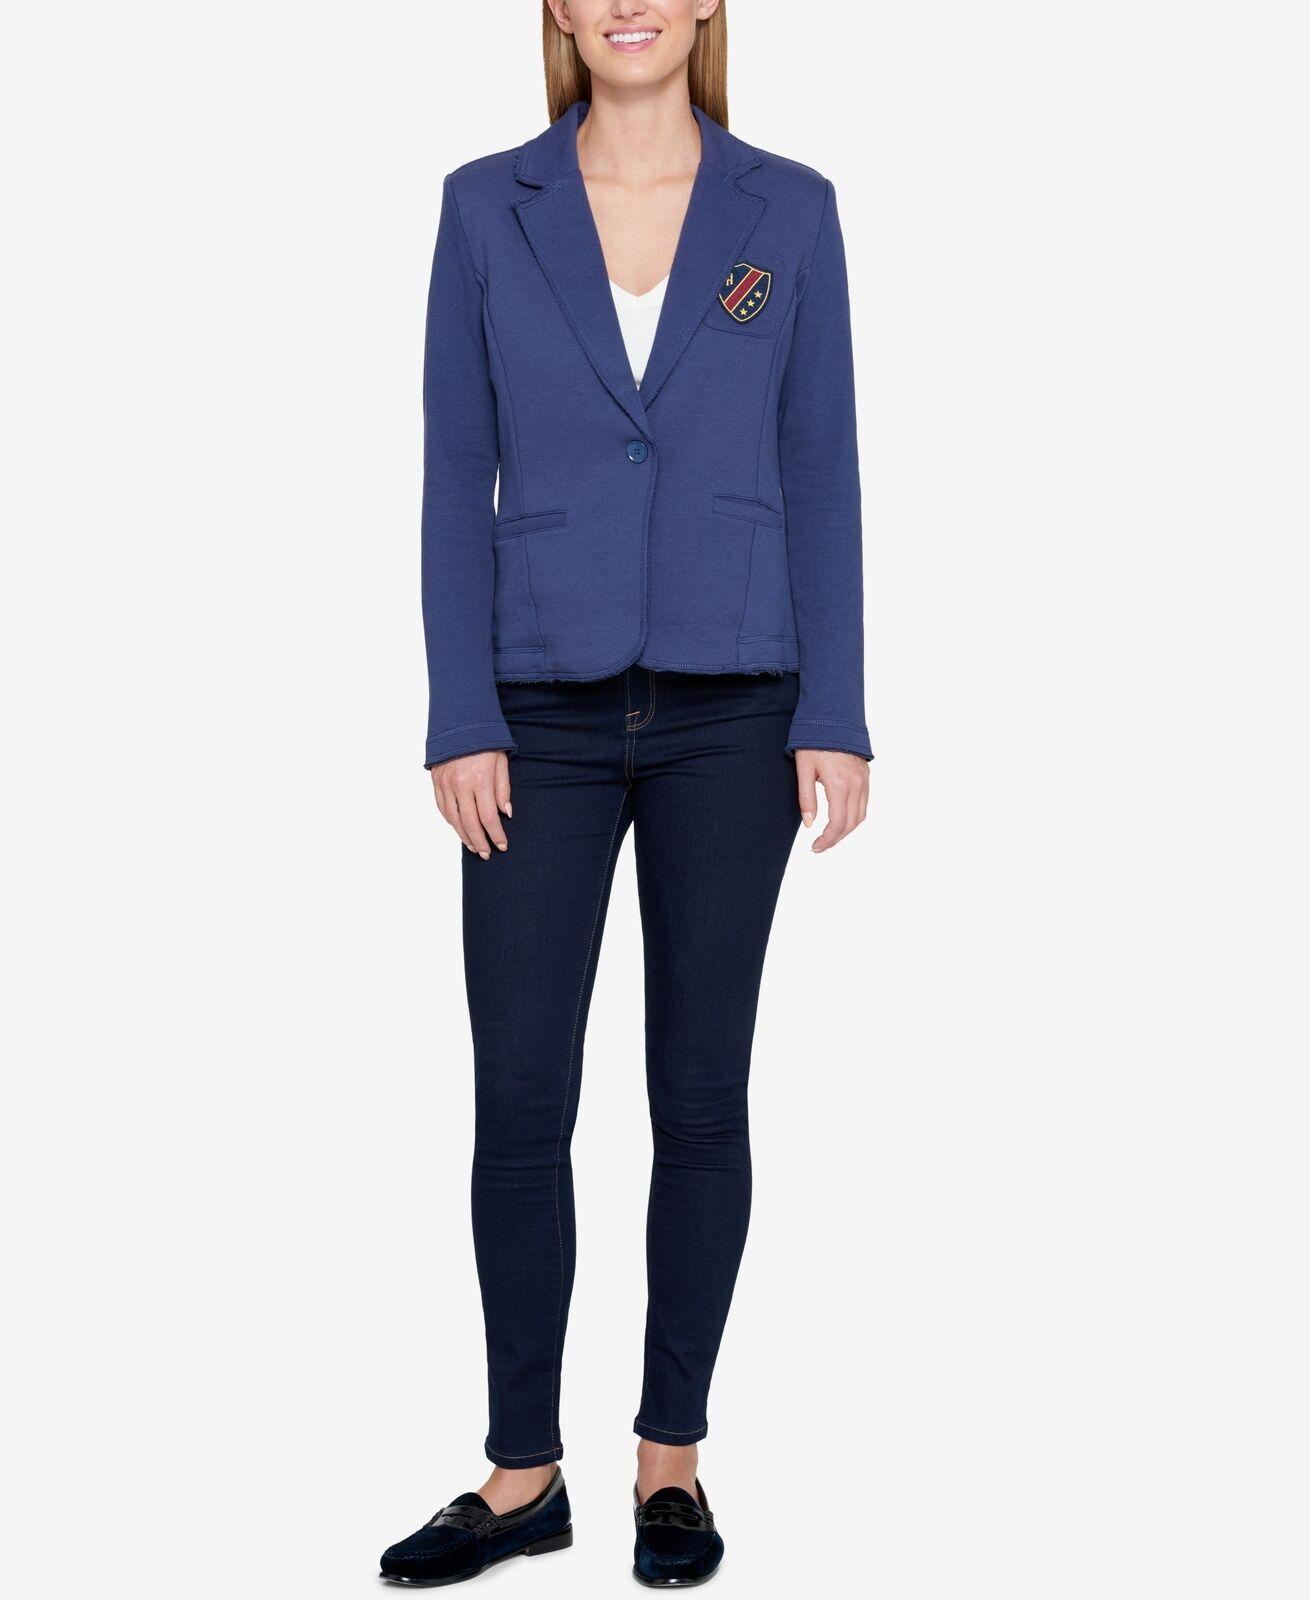 Tommy Hilfiger (MY8-55*) Patched Cotton Blend Knit Jacket Blue Sz XXL